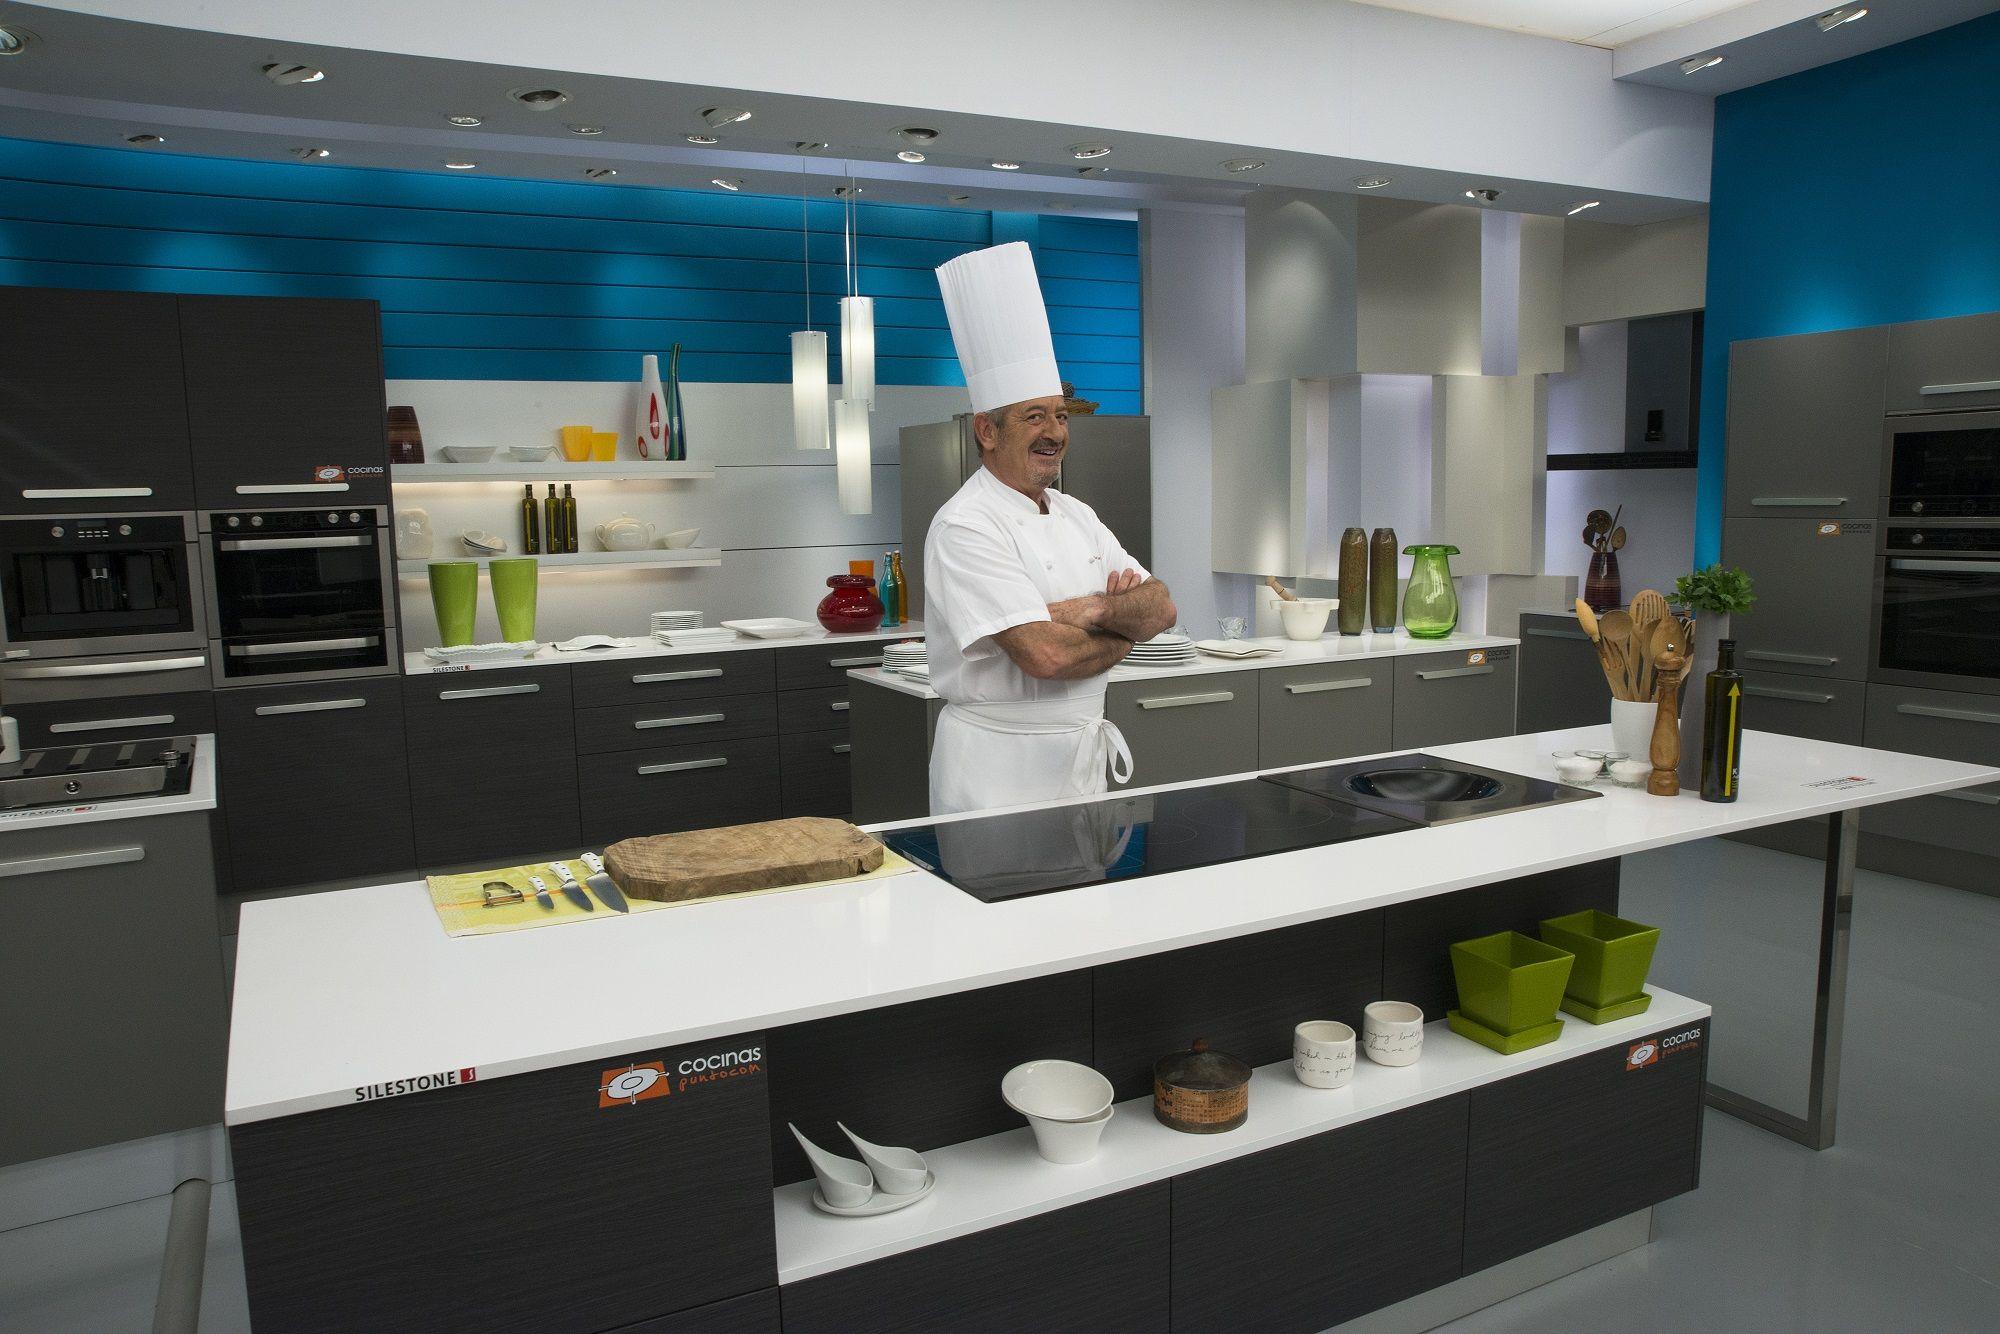 Segunda Cocina Montada Por Cocinas Com Para El Programa De Karlos Arguiñano En Mayo De 2013 Tiendas De Cocina Mobiliario De Cocina Cocinas